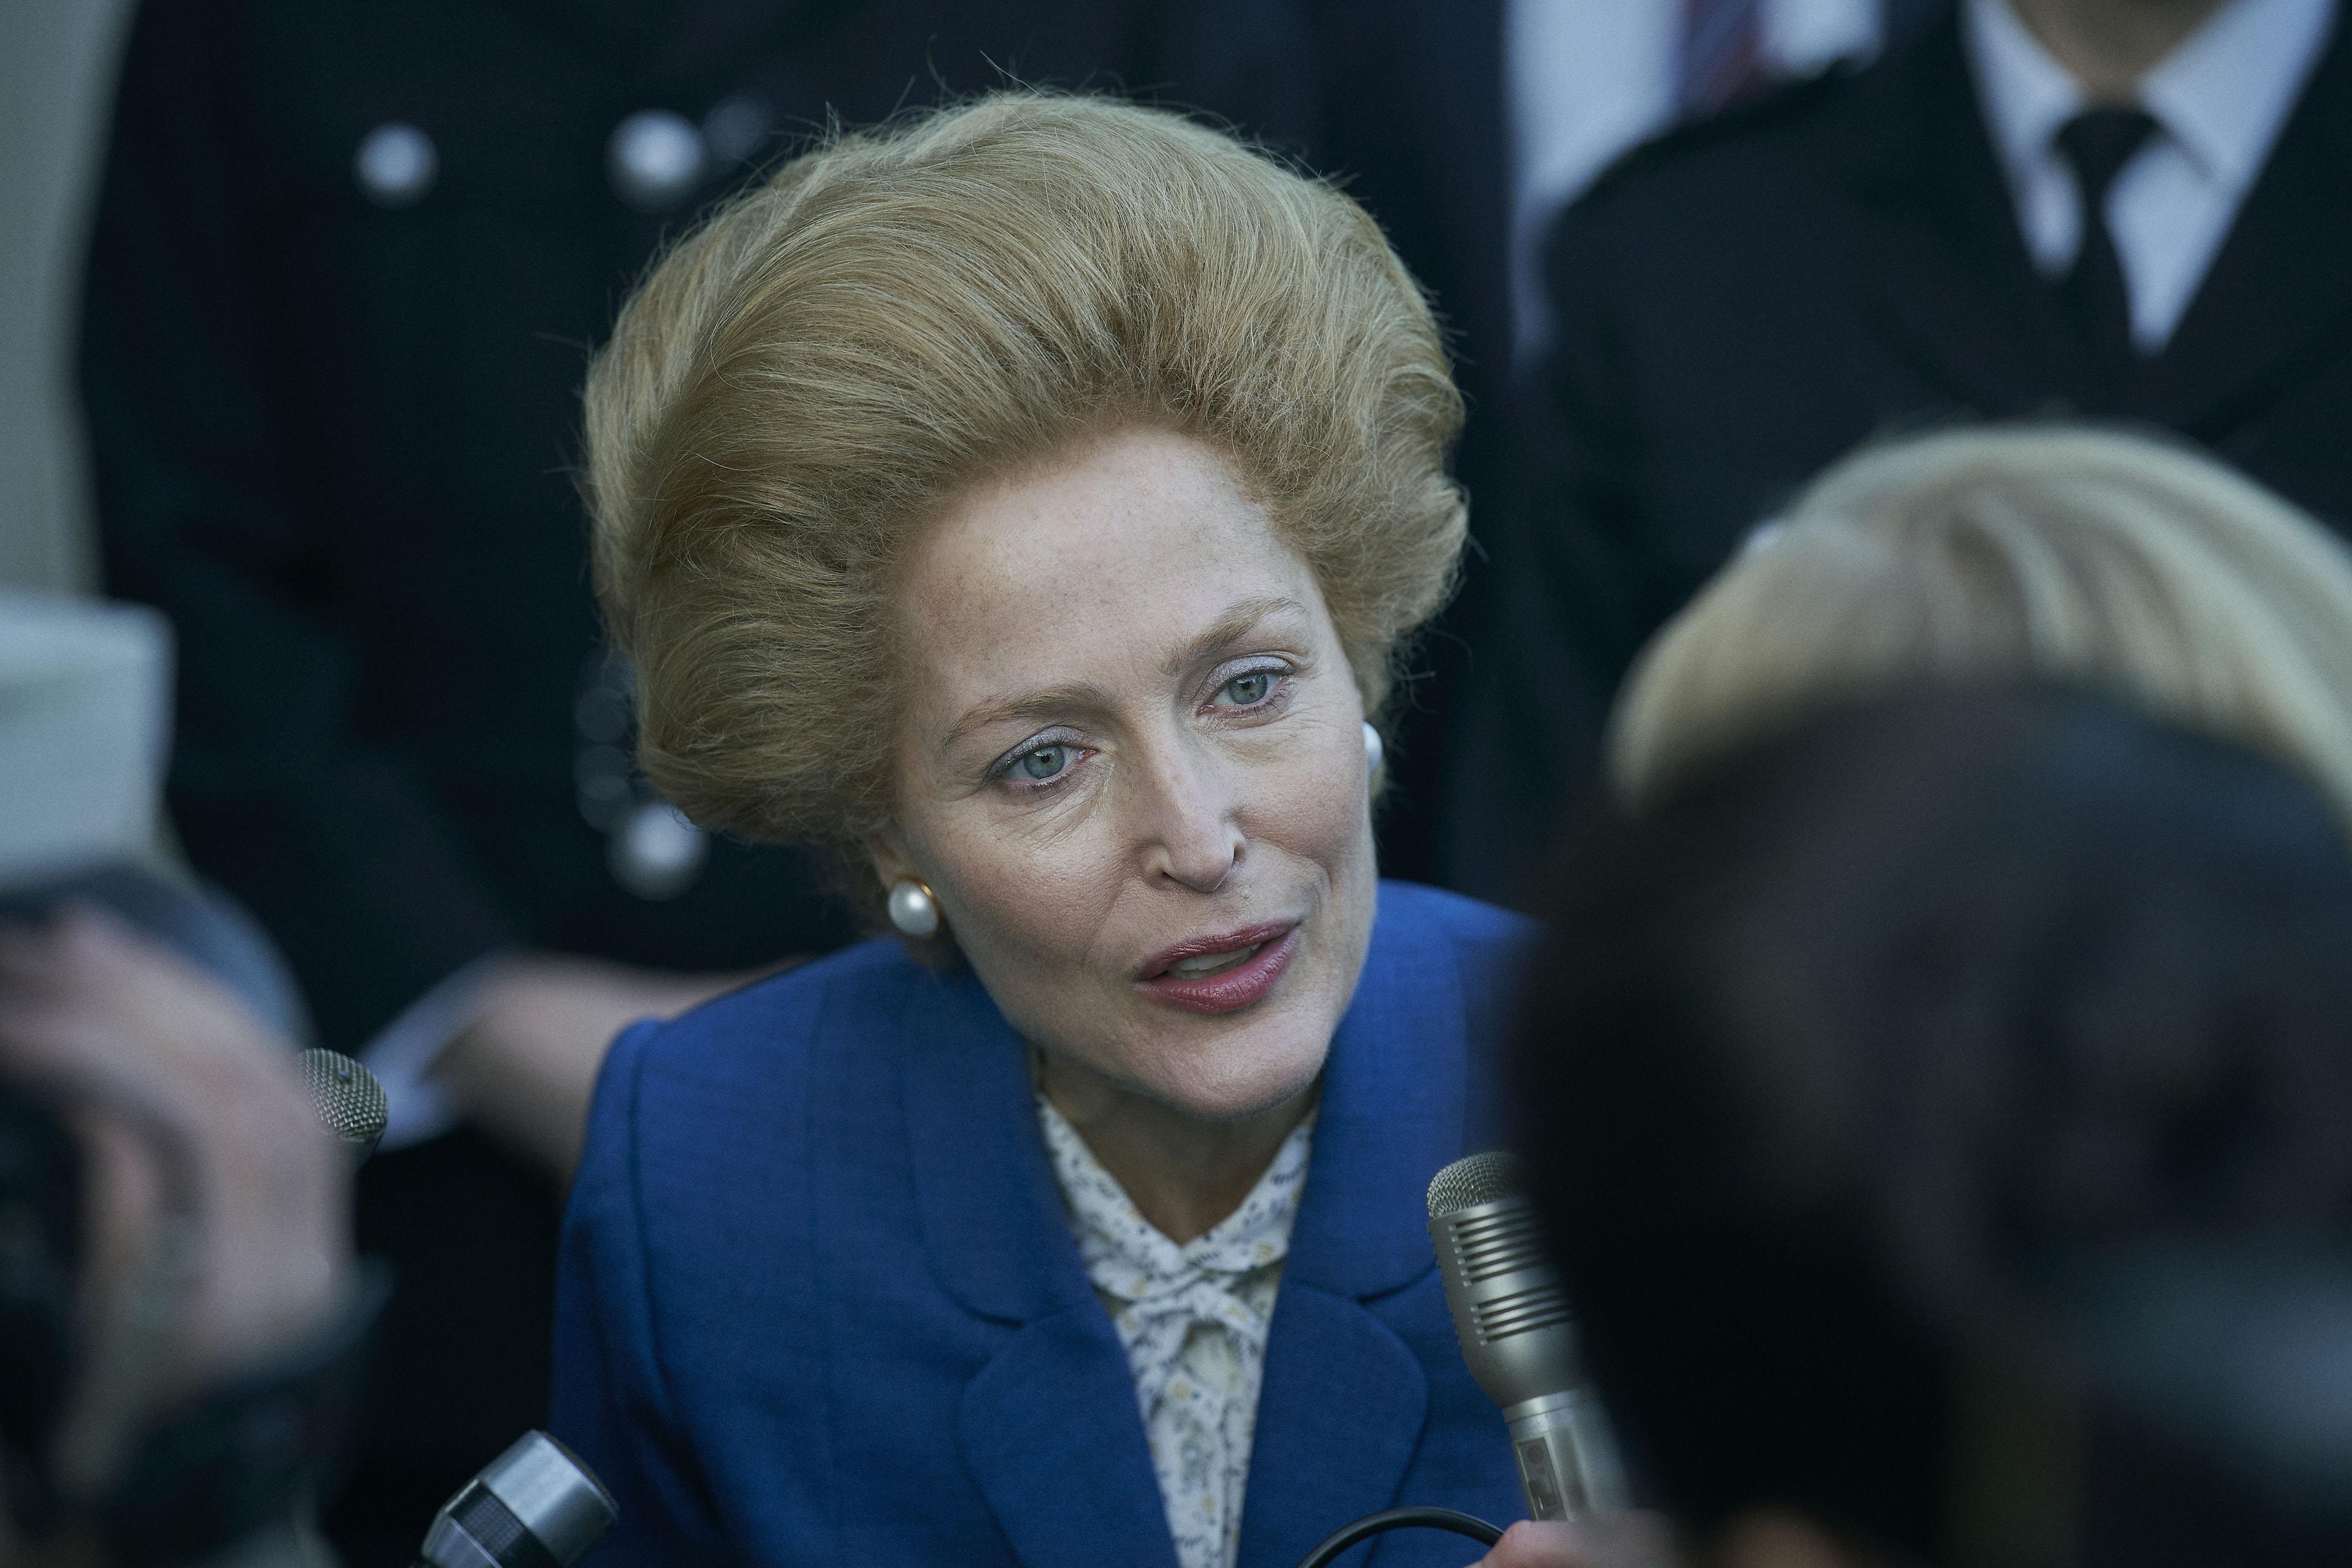 Margaret_Thatcher2.jpg